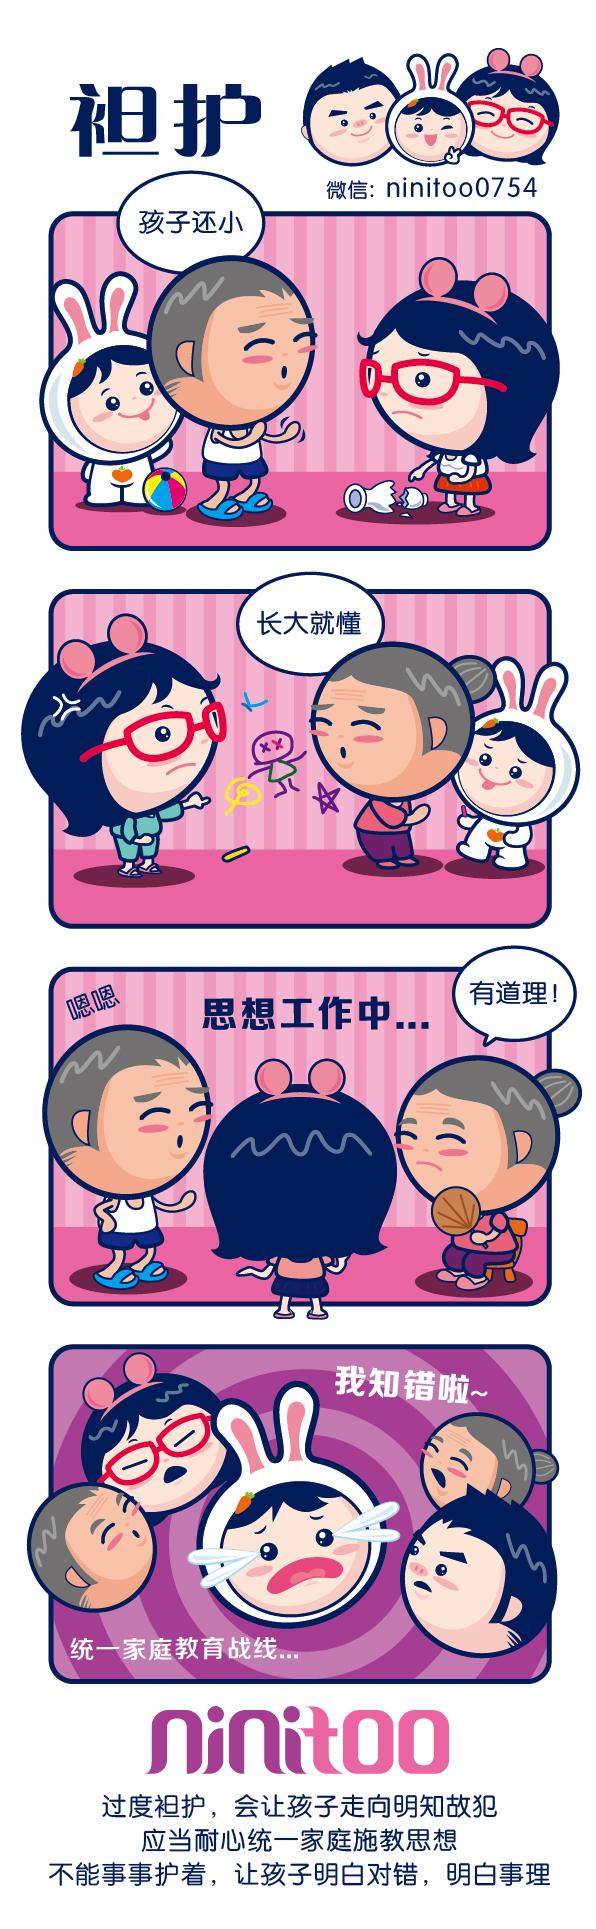 育儿经漫画-06.jpg